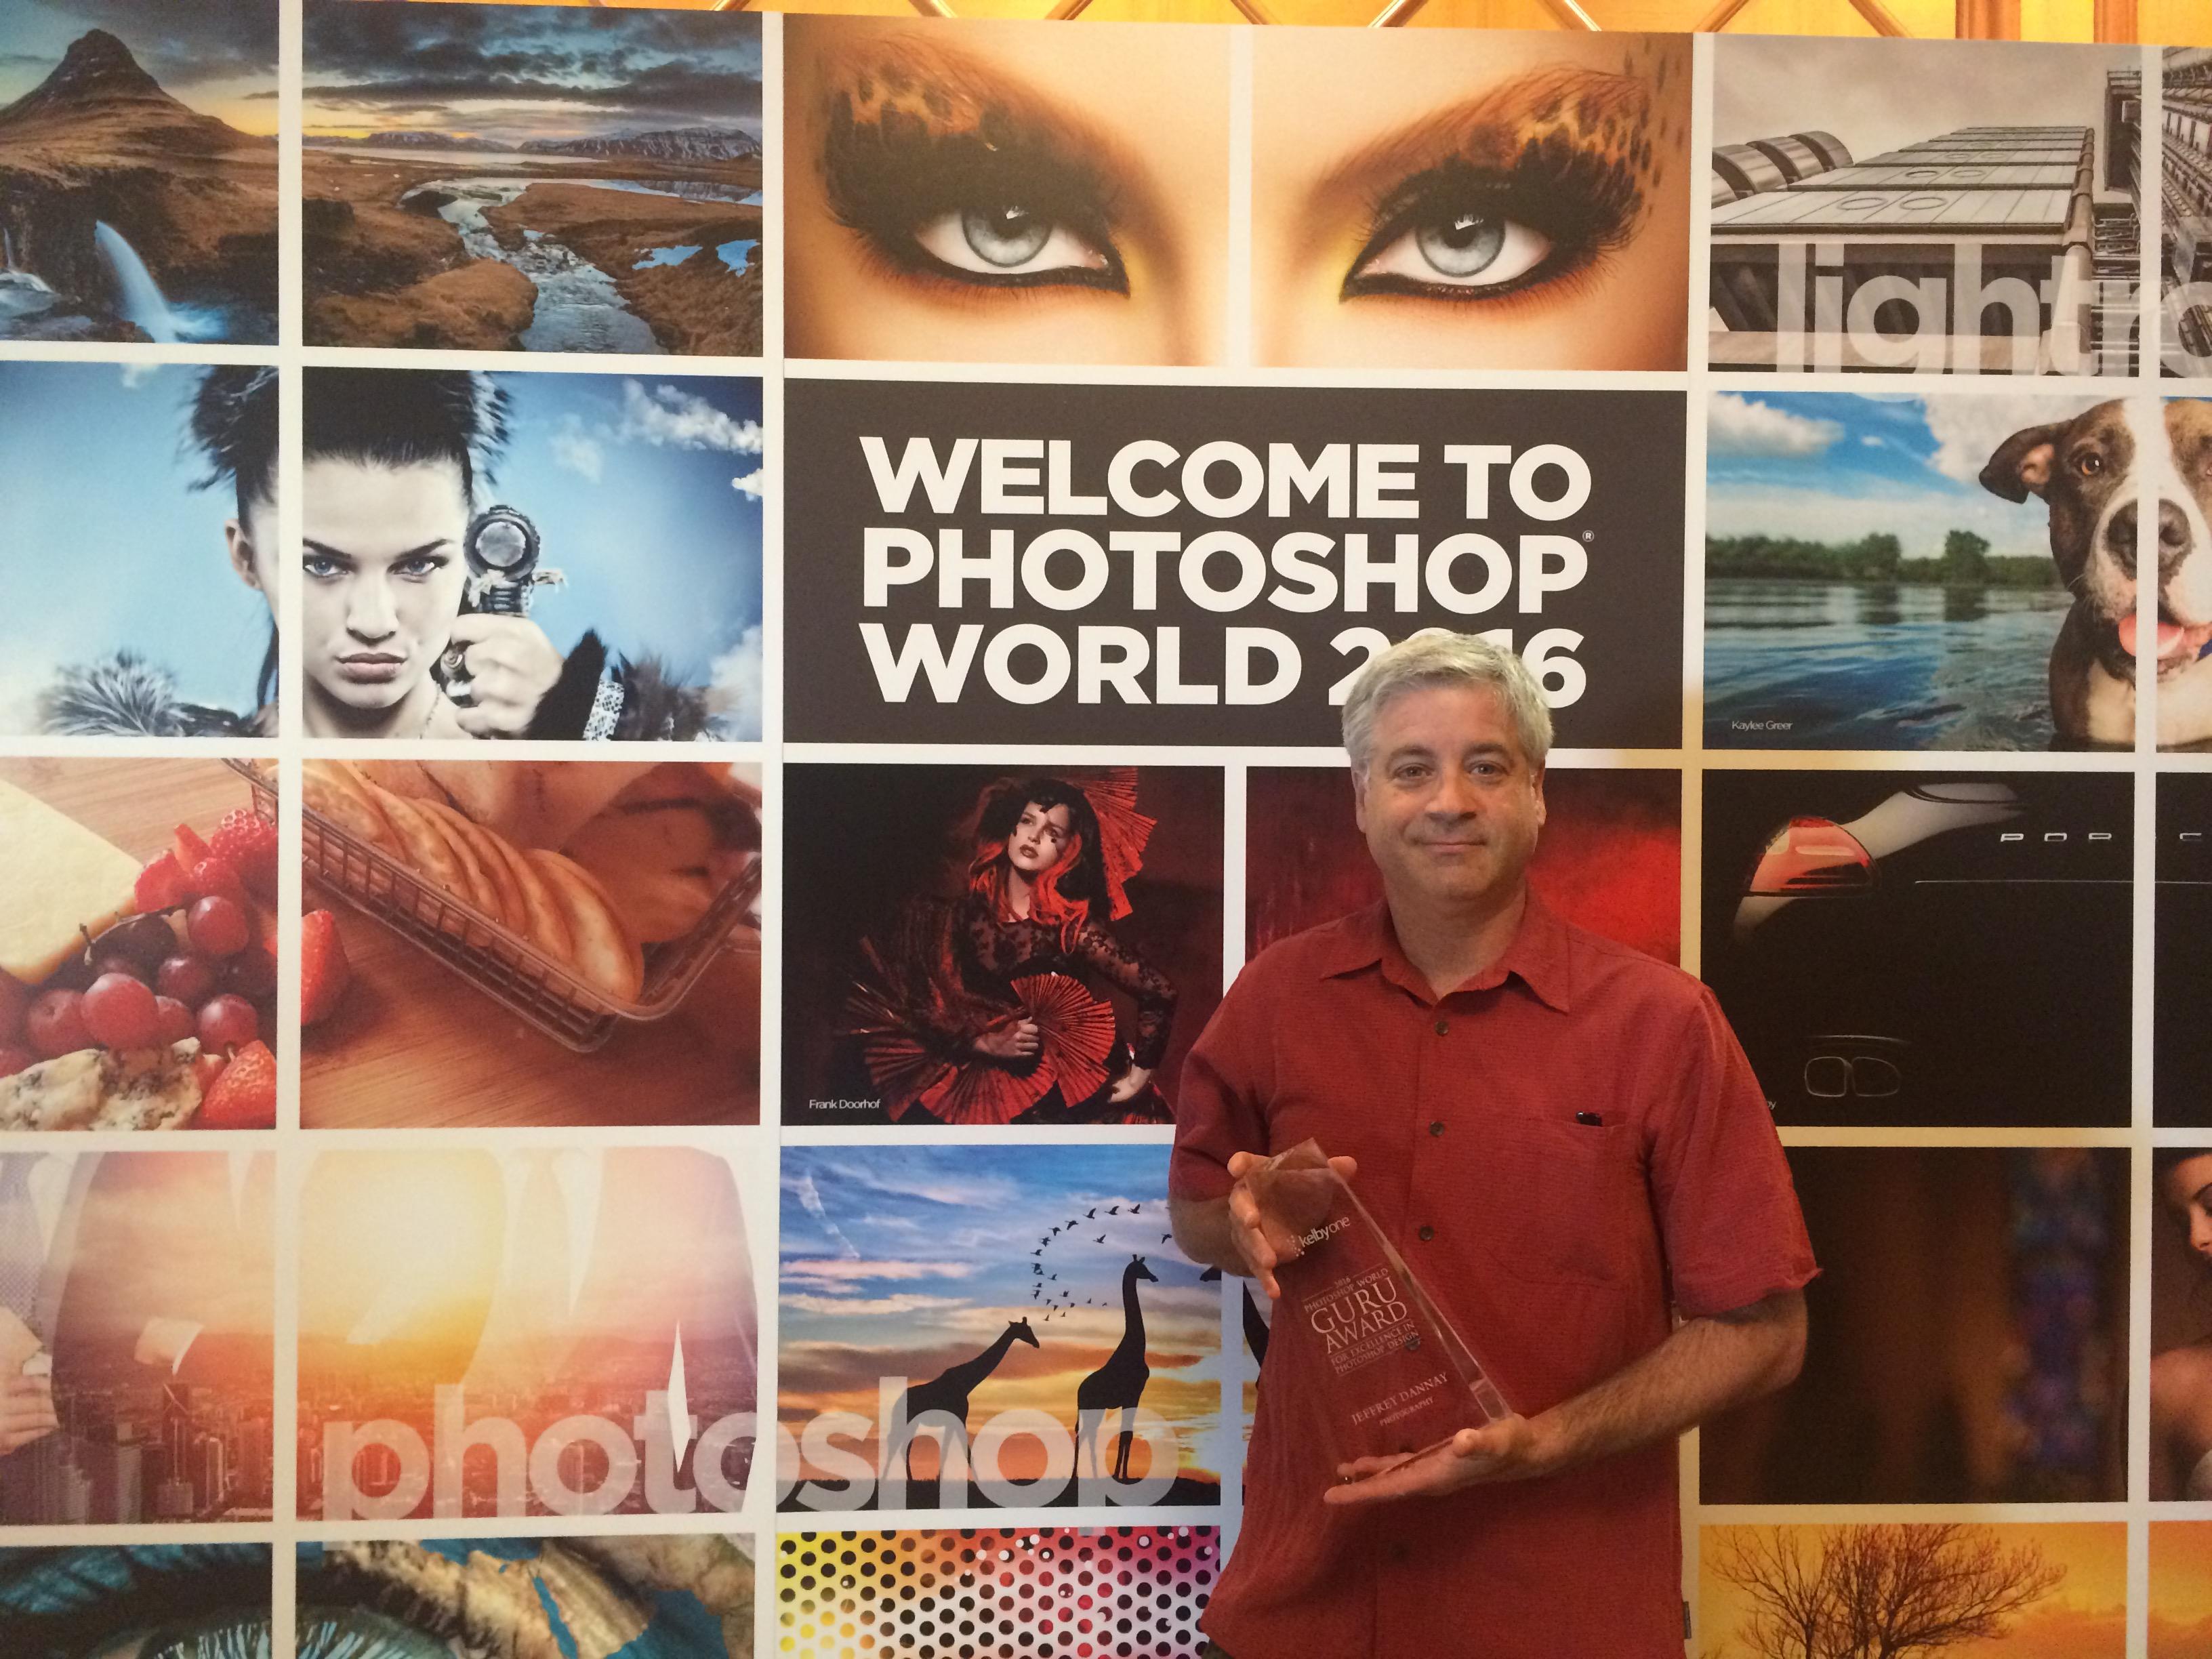 Guru Award winner at Photoshop World 2016